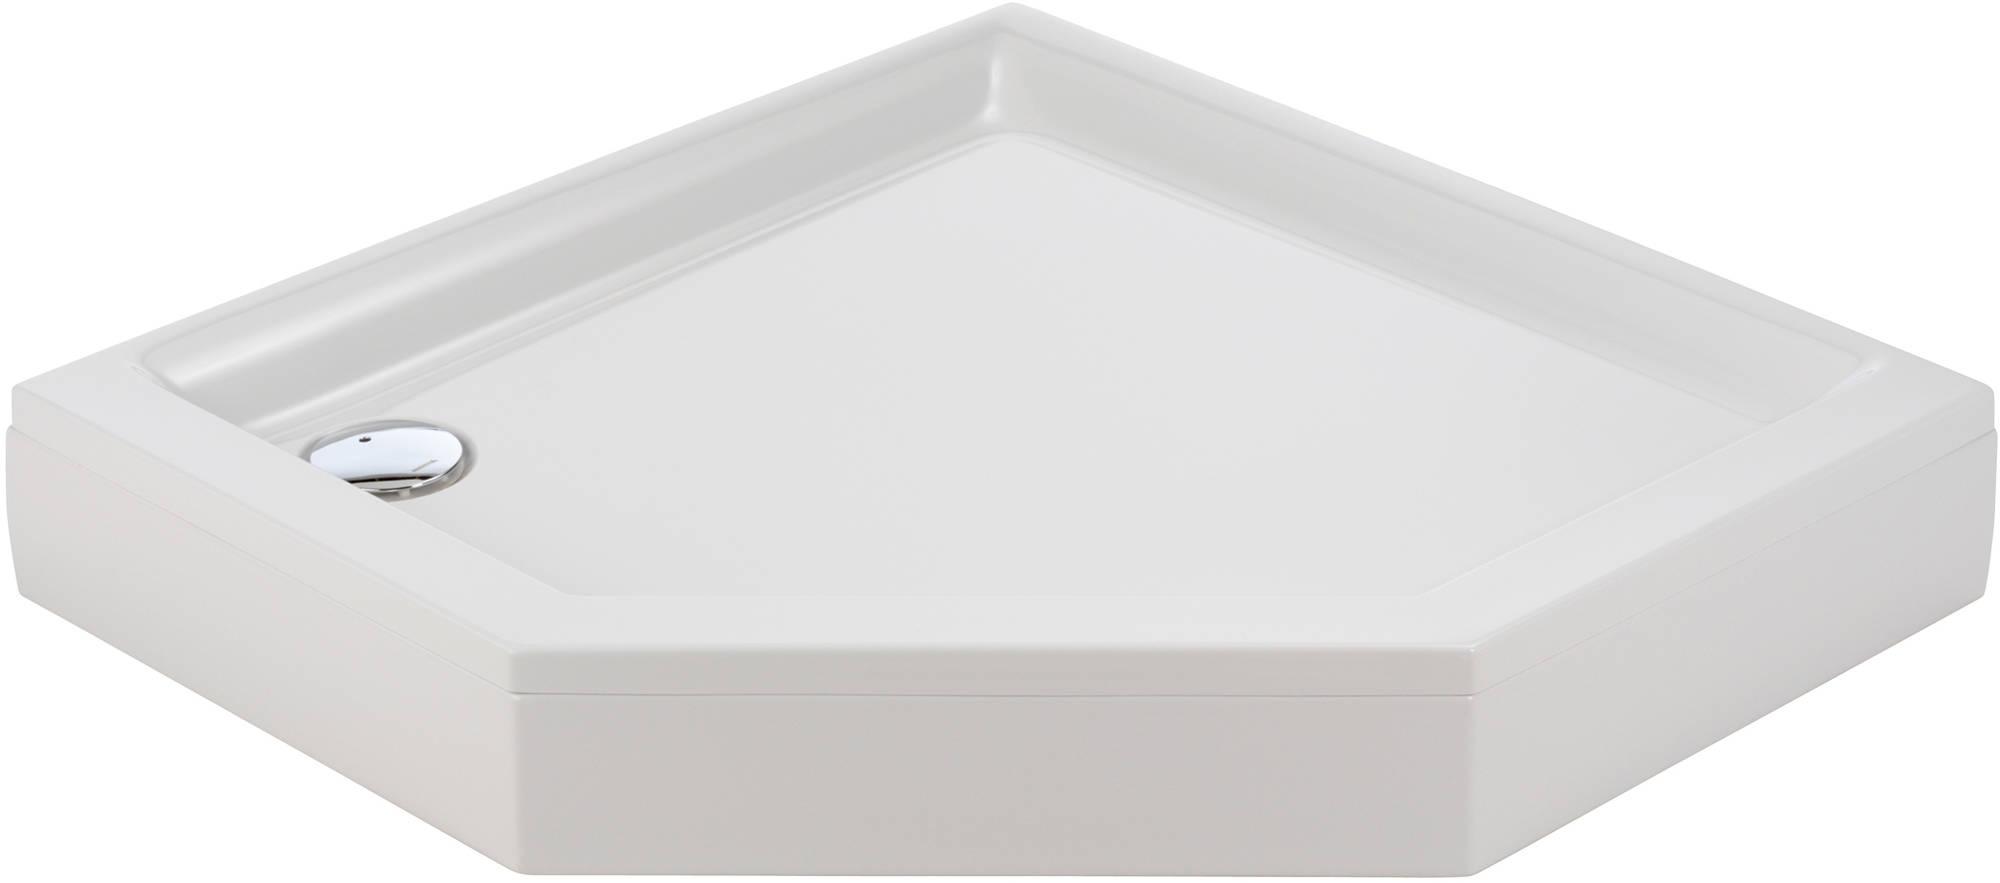 Sealskin Senso douchebak 5-hoek 90x90cm met voorpaneel, wit